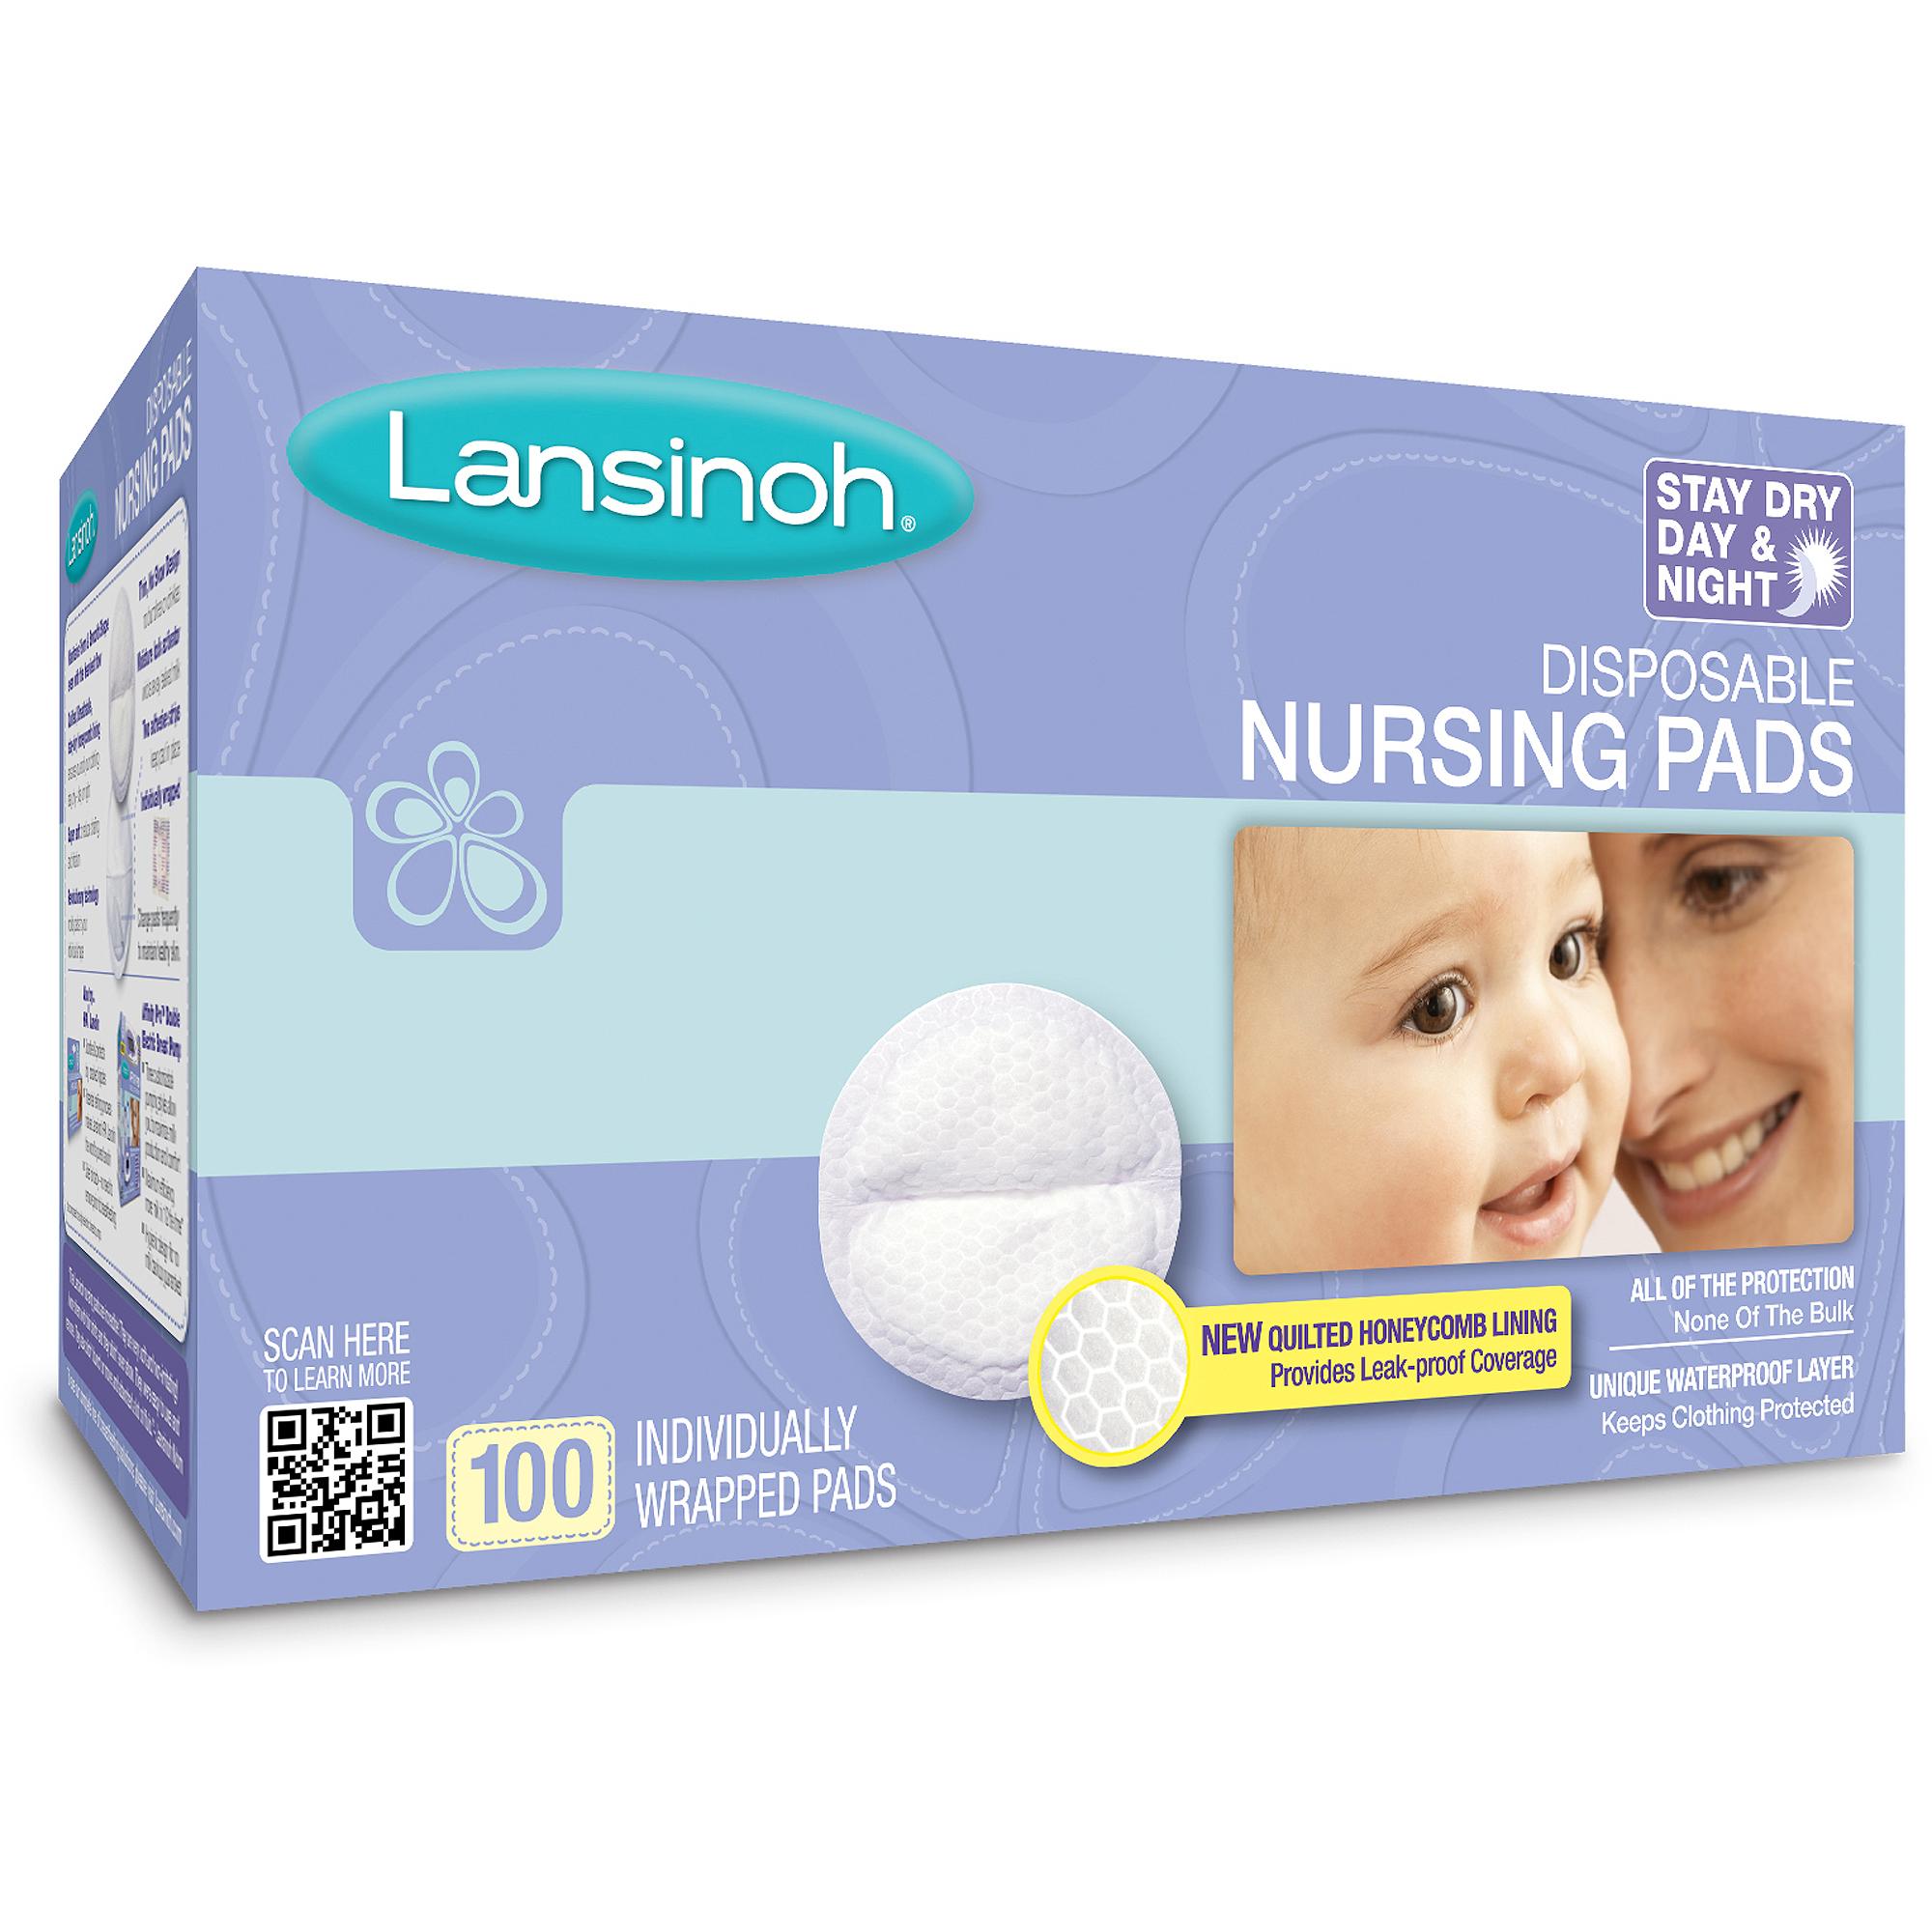 Lansinoh - Disposable Nursing Pads, 100ct